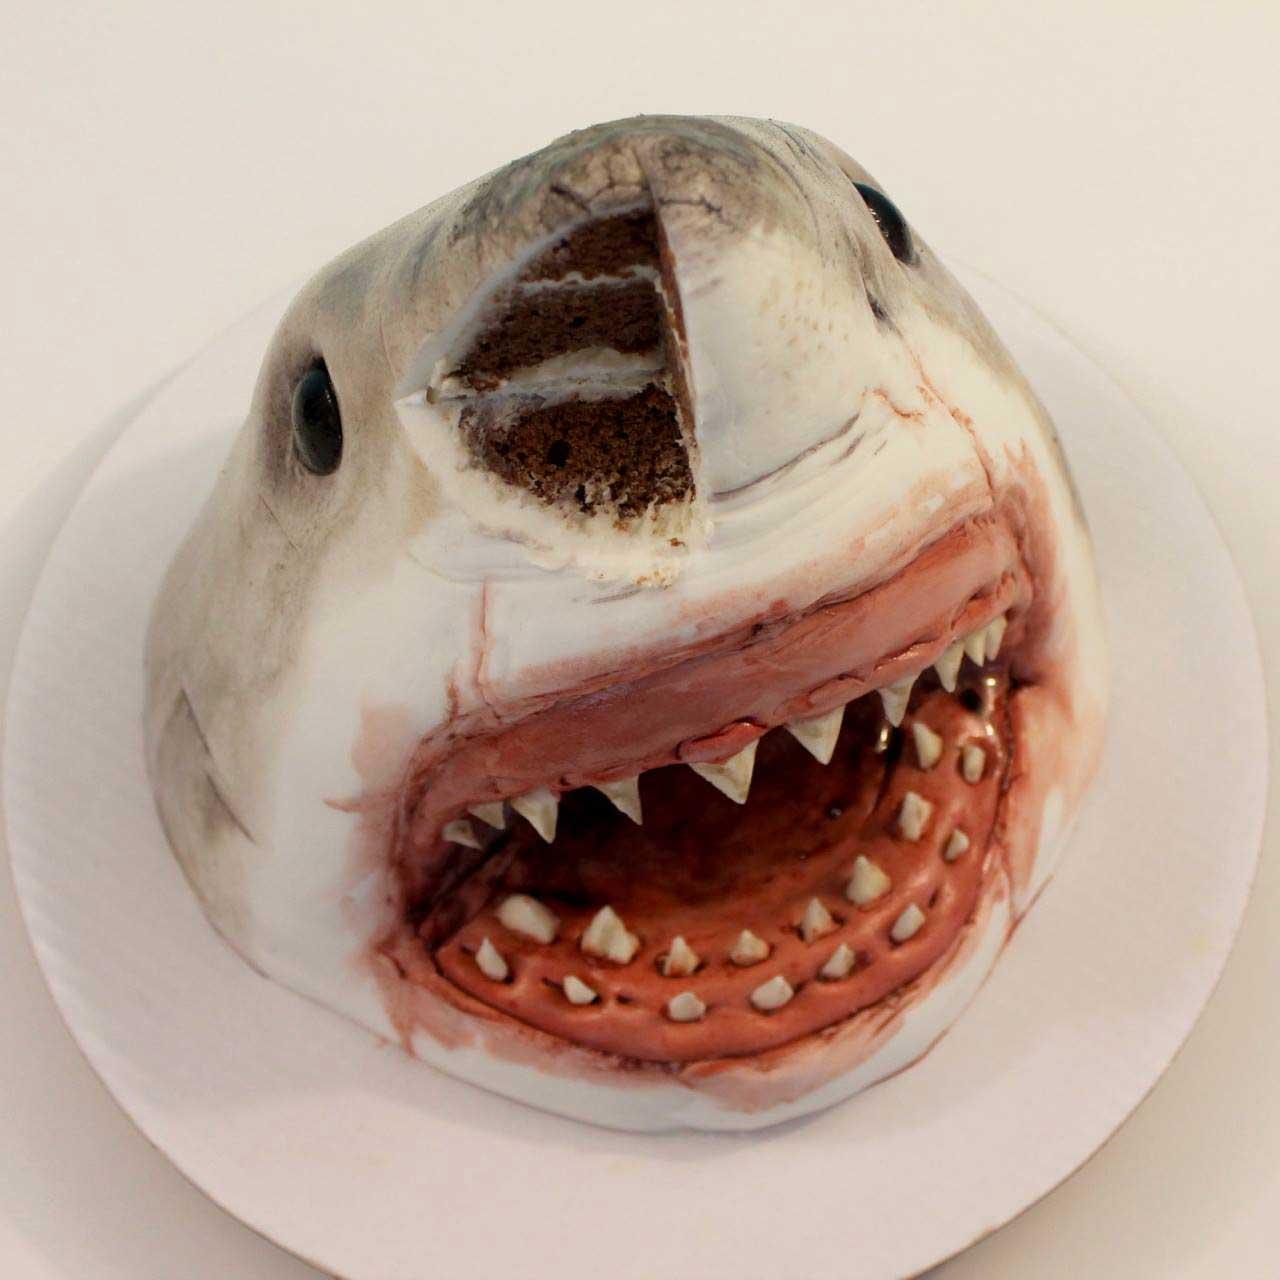 Gruselig realistisch aussehende Kuchen von Deviant Desserts katherine-day-deviant-desserts_11